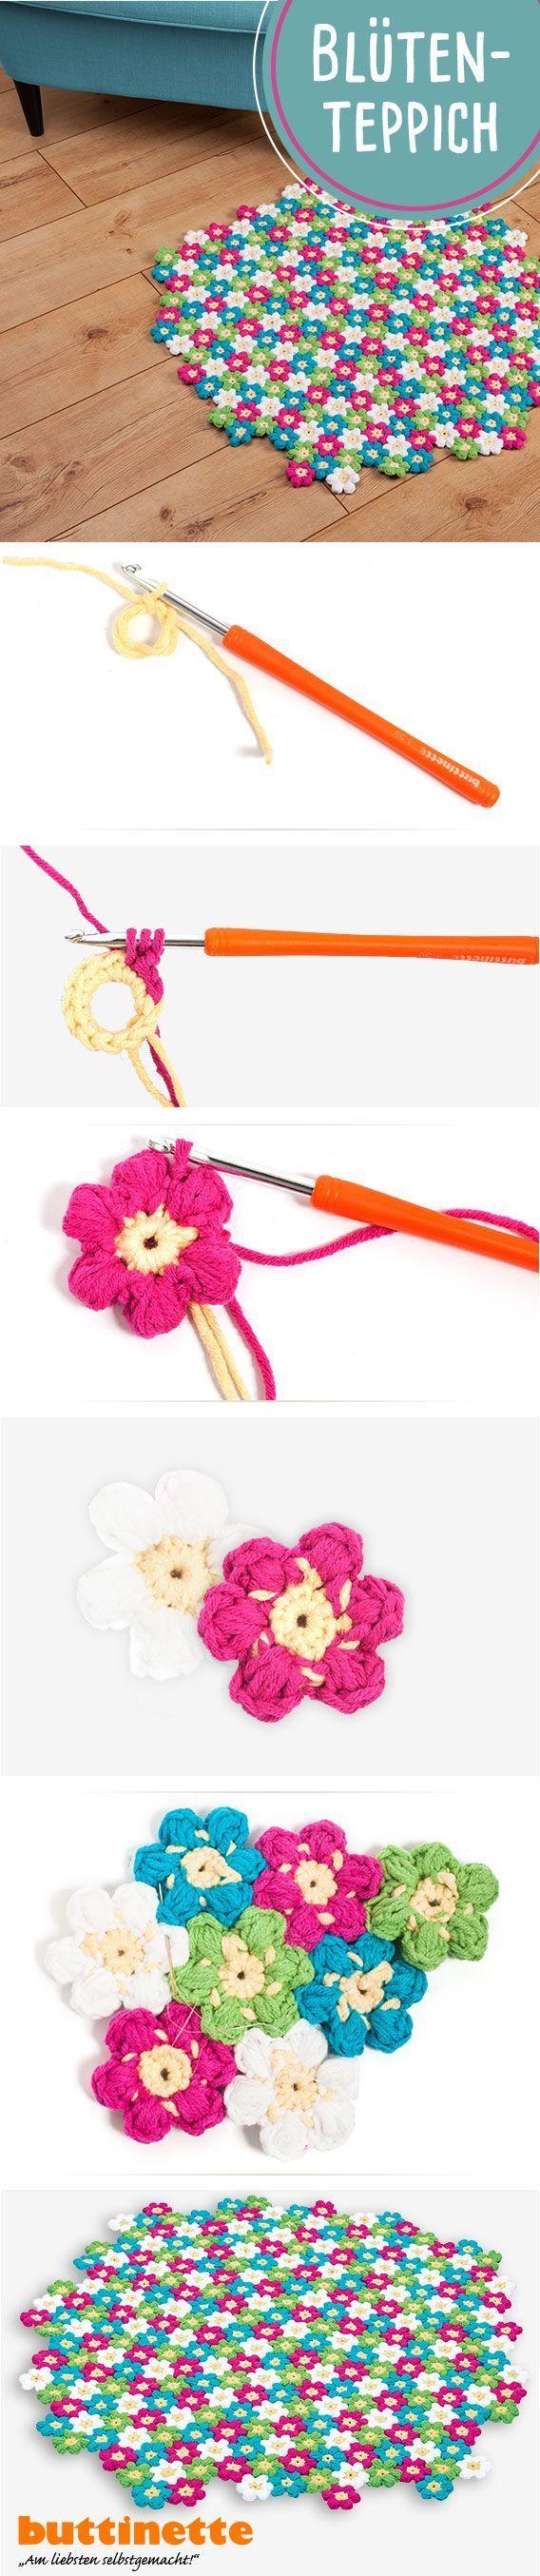 # Blume # Blumen #Tuch # Teppich #Carnish # Häkeln